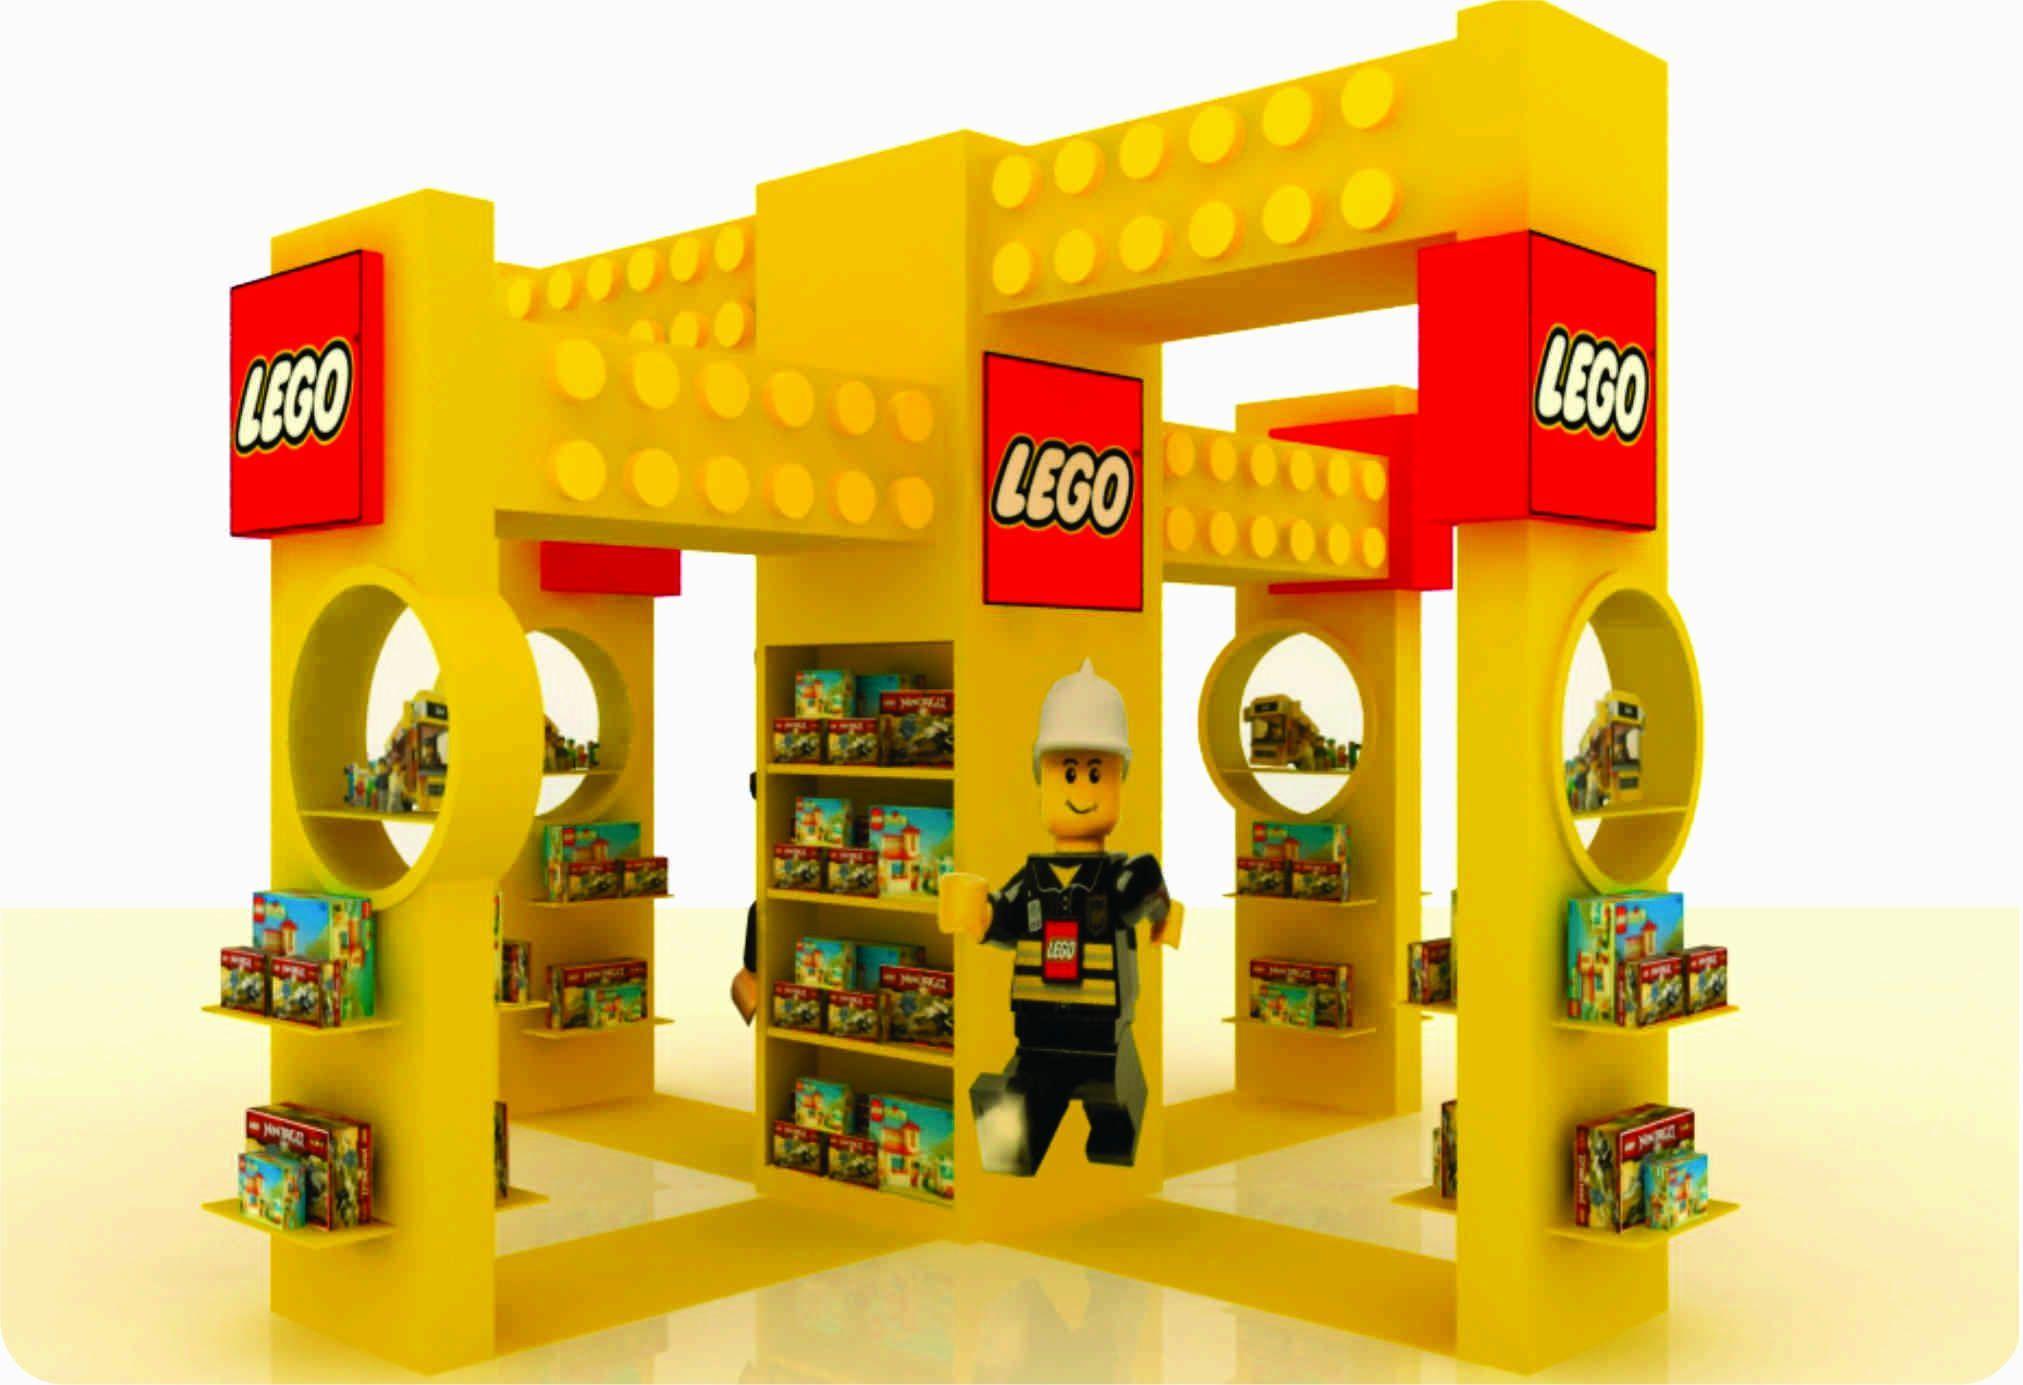 Stand lego gropius alejandro plv de lego como las - Construcciones de lego para ninos ...